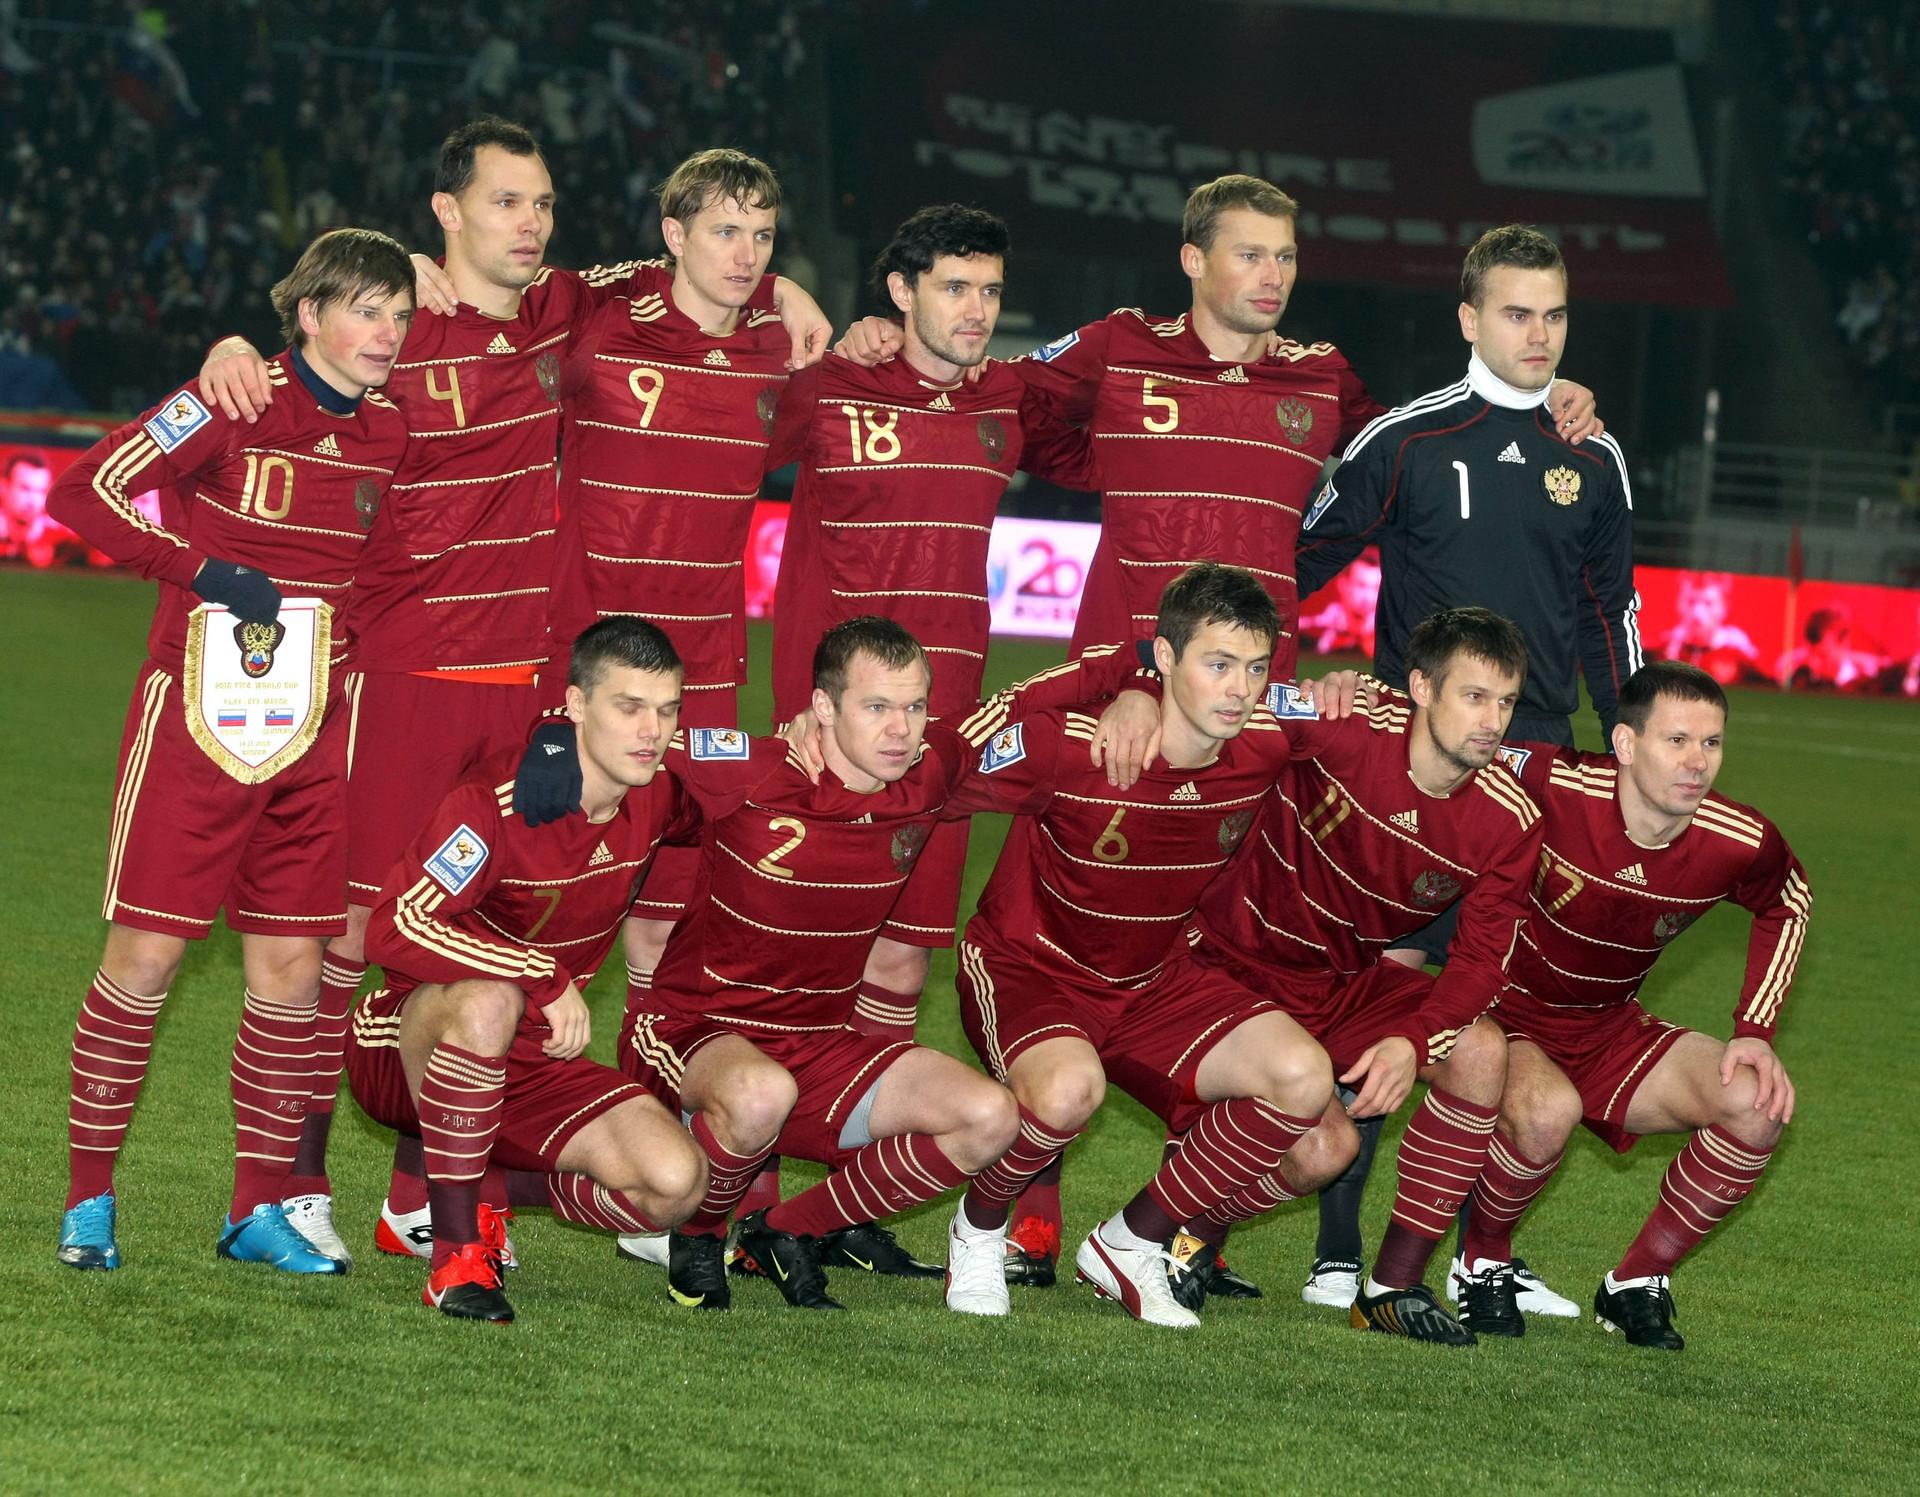 Ruska reprezentanca na prvi tekmi dodatnih kvalifikacij v Moskvi.